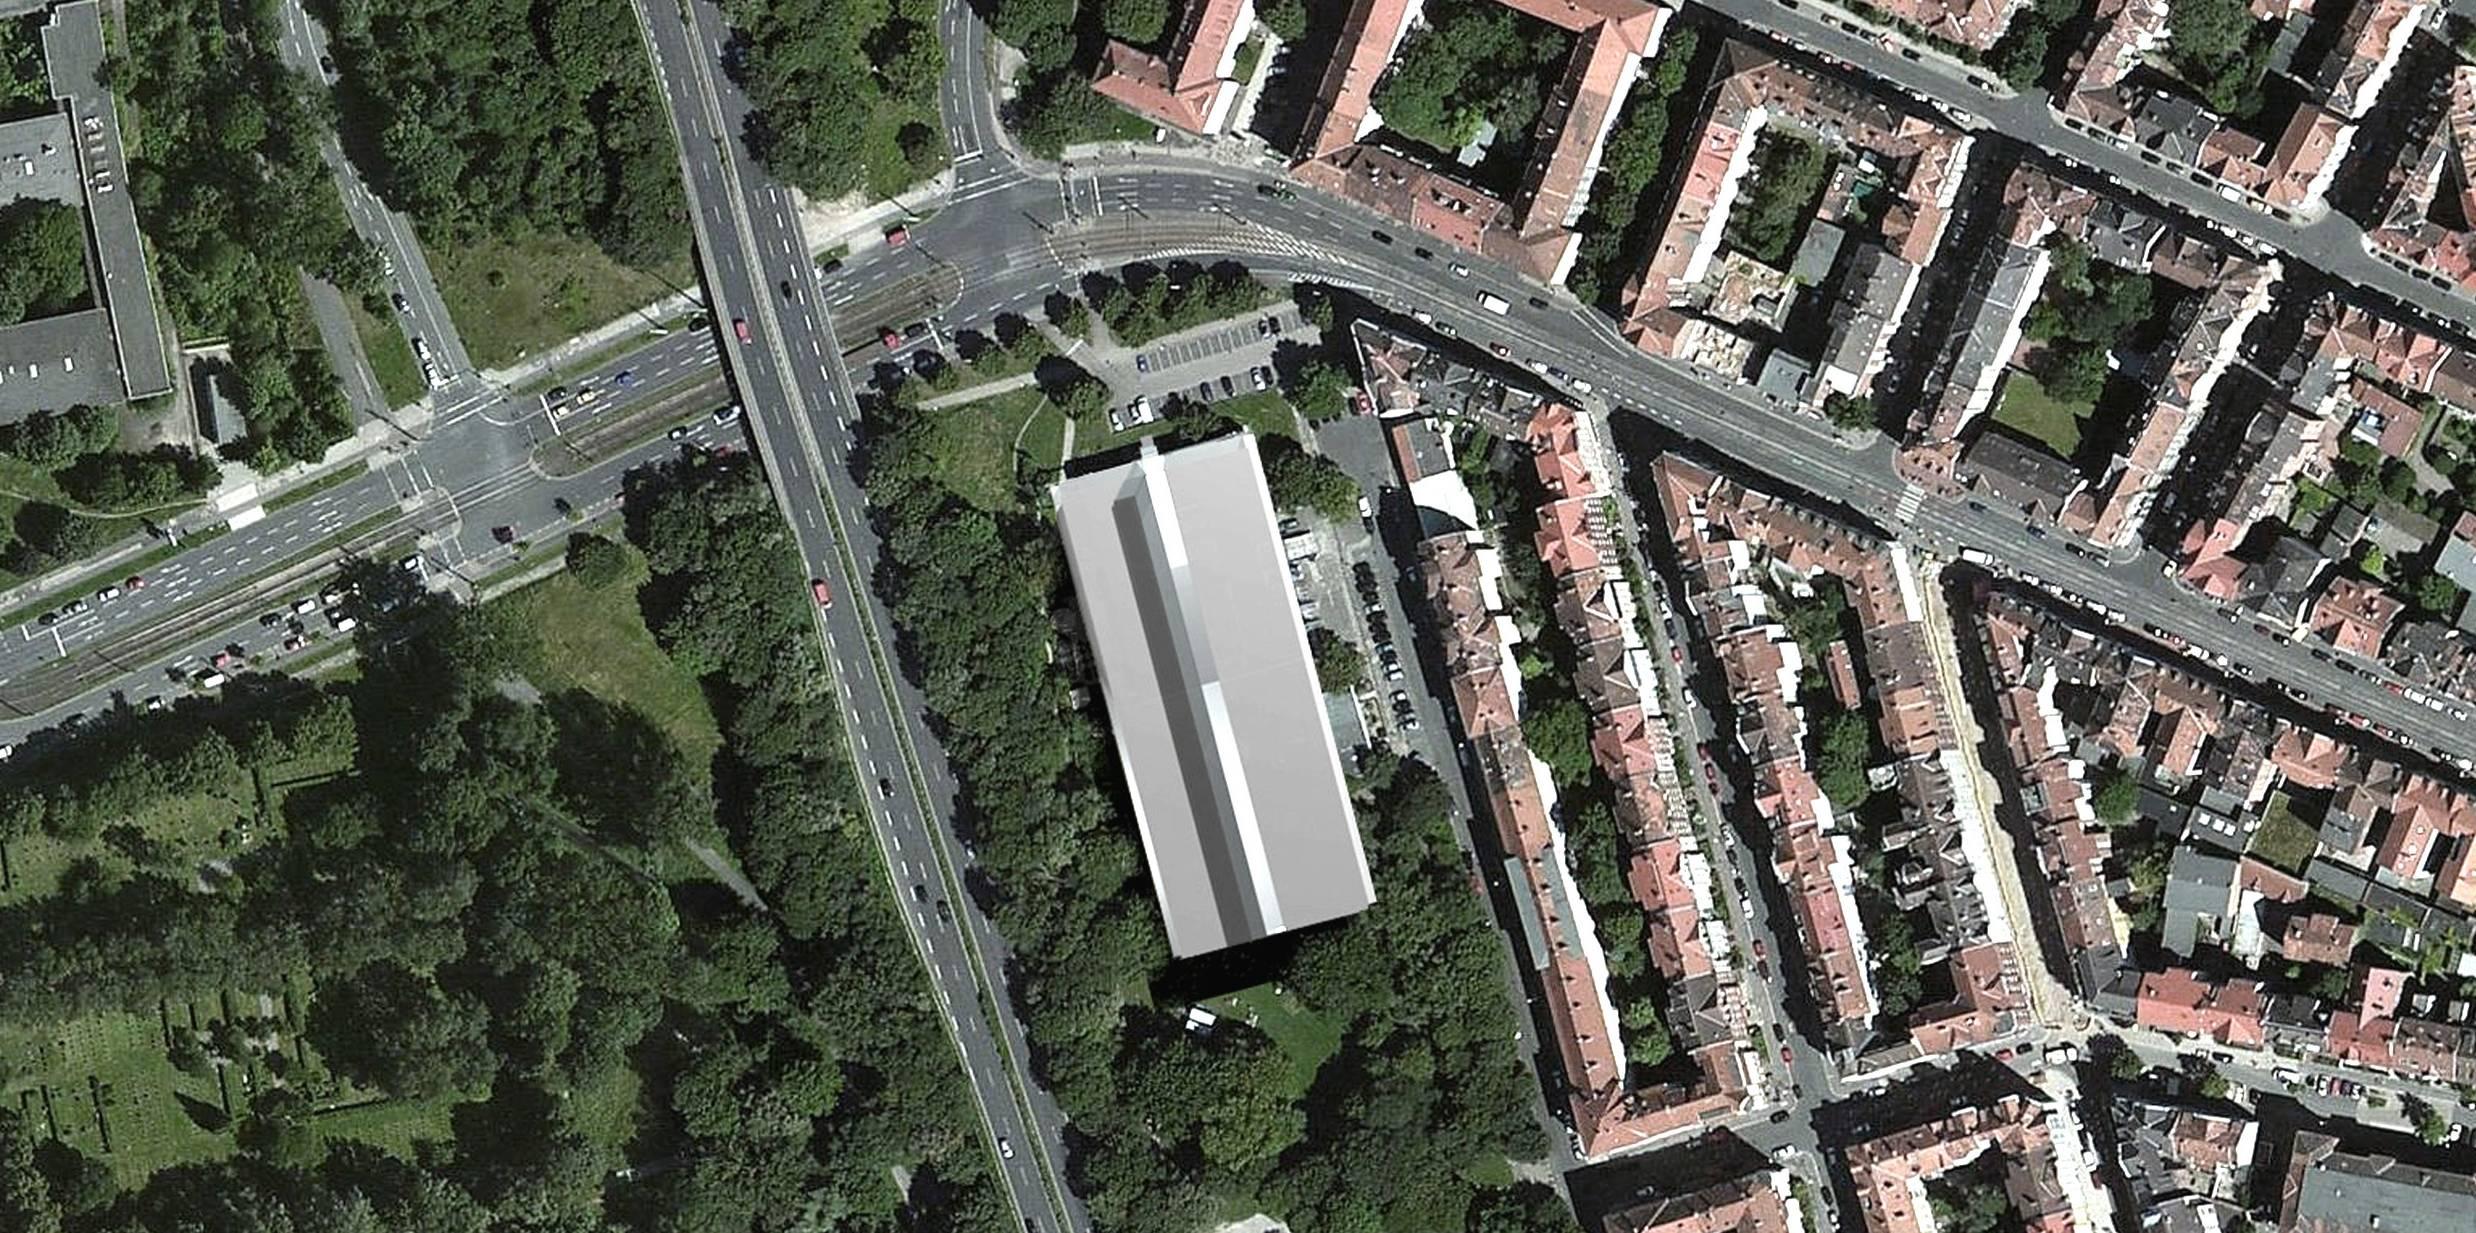 Luftbild LernortLindenLimmer (VIER LINDEN ARCHITEKTEN & INGENIEURE)